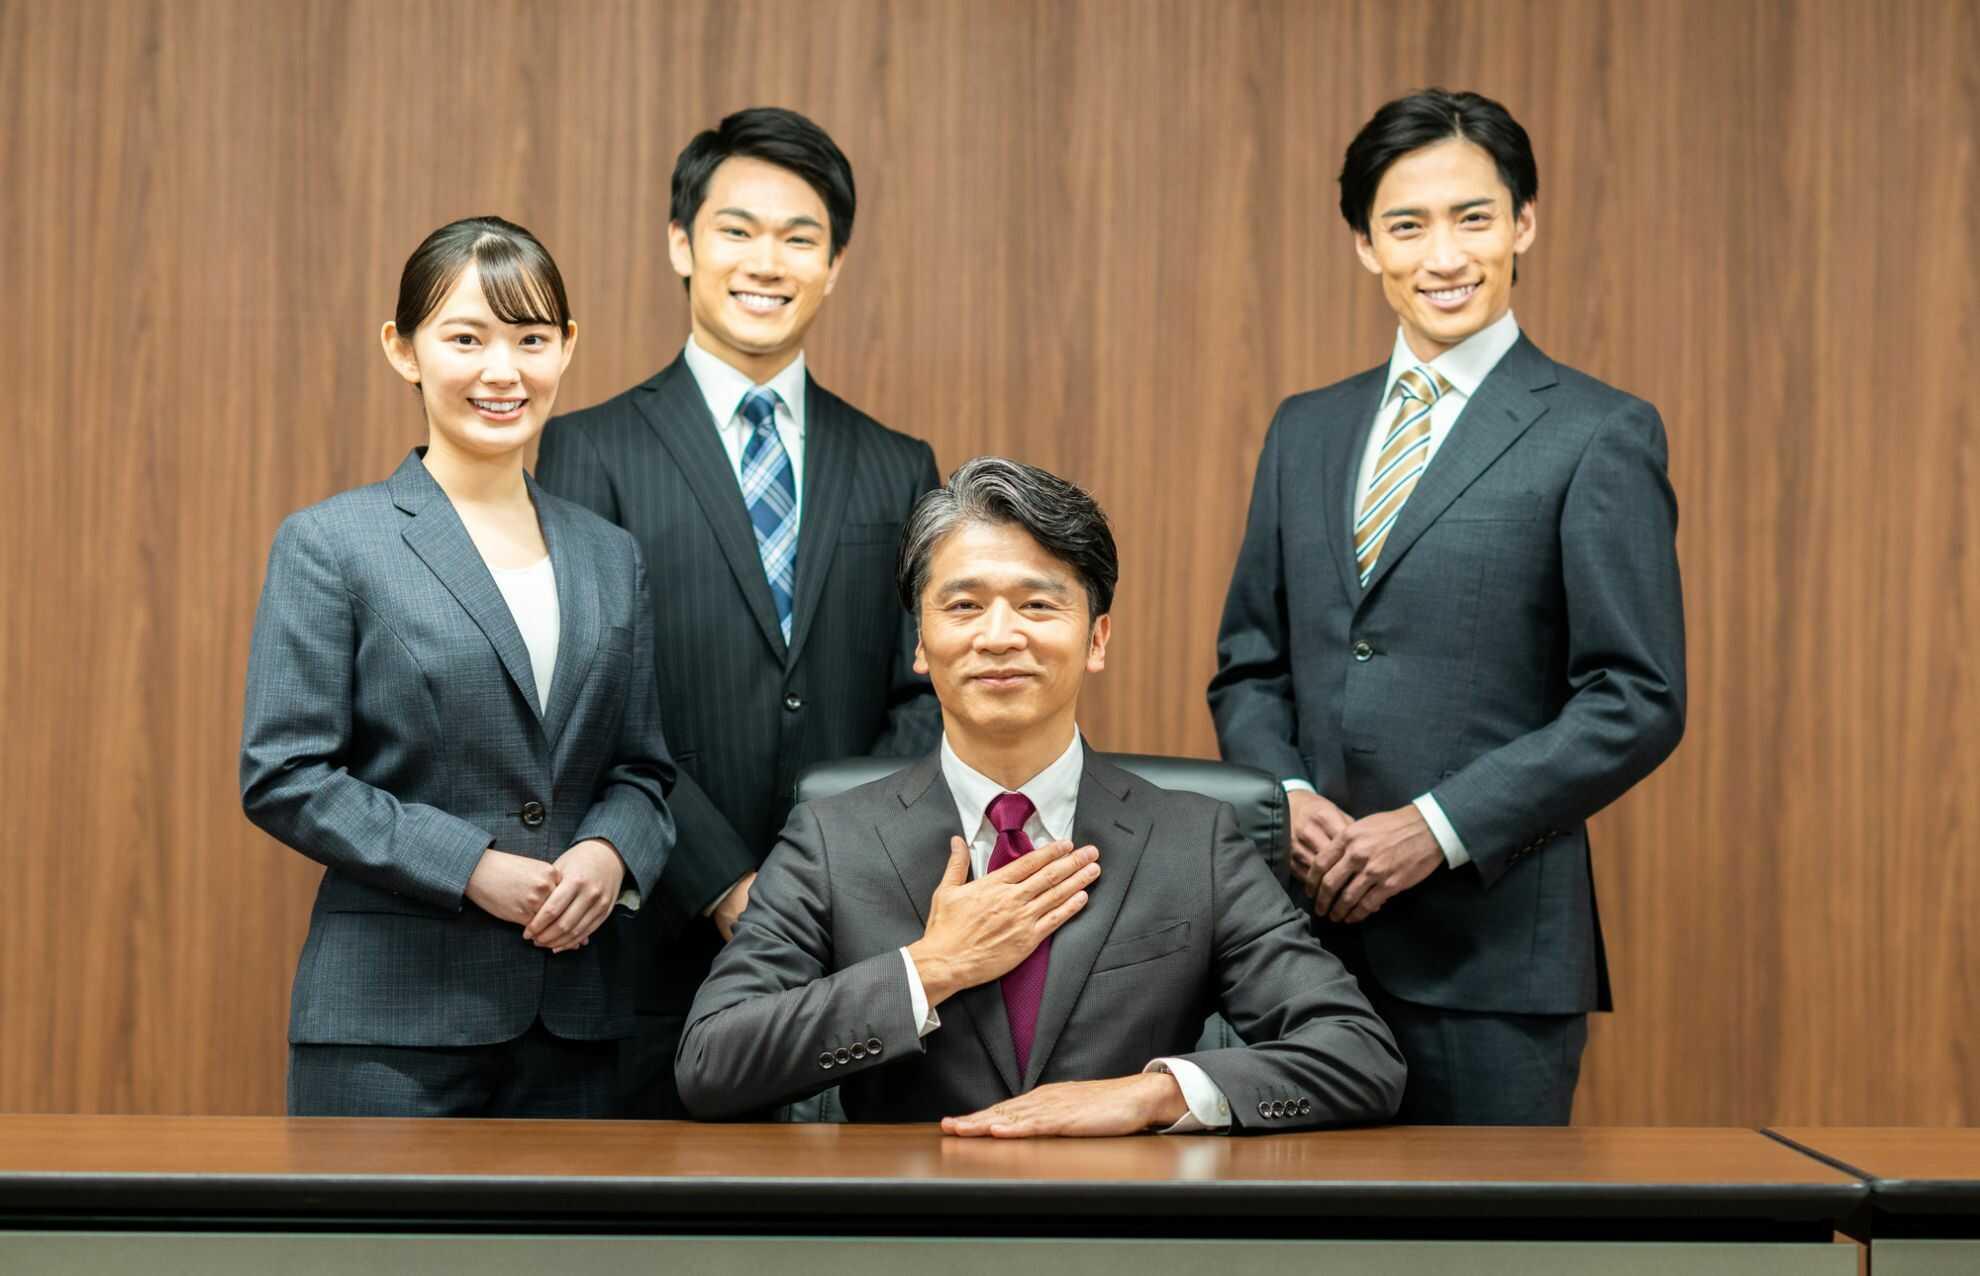 椅子に座っている上司と、上司のそばに立っているメンバーたち